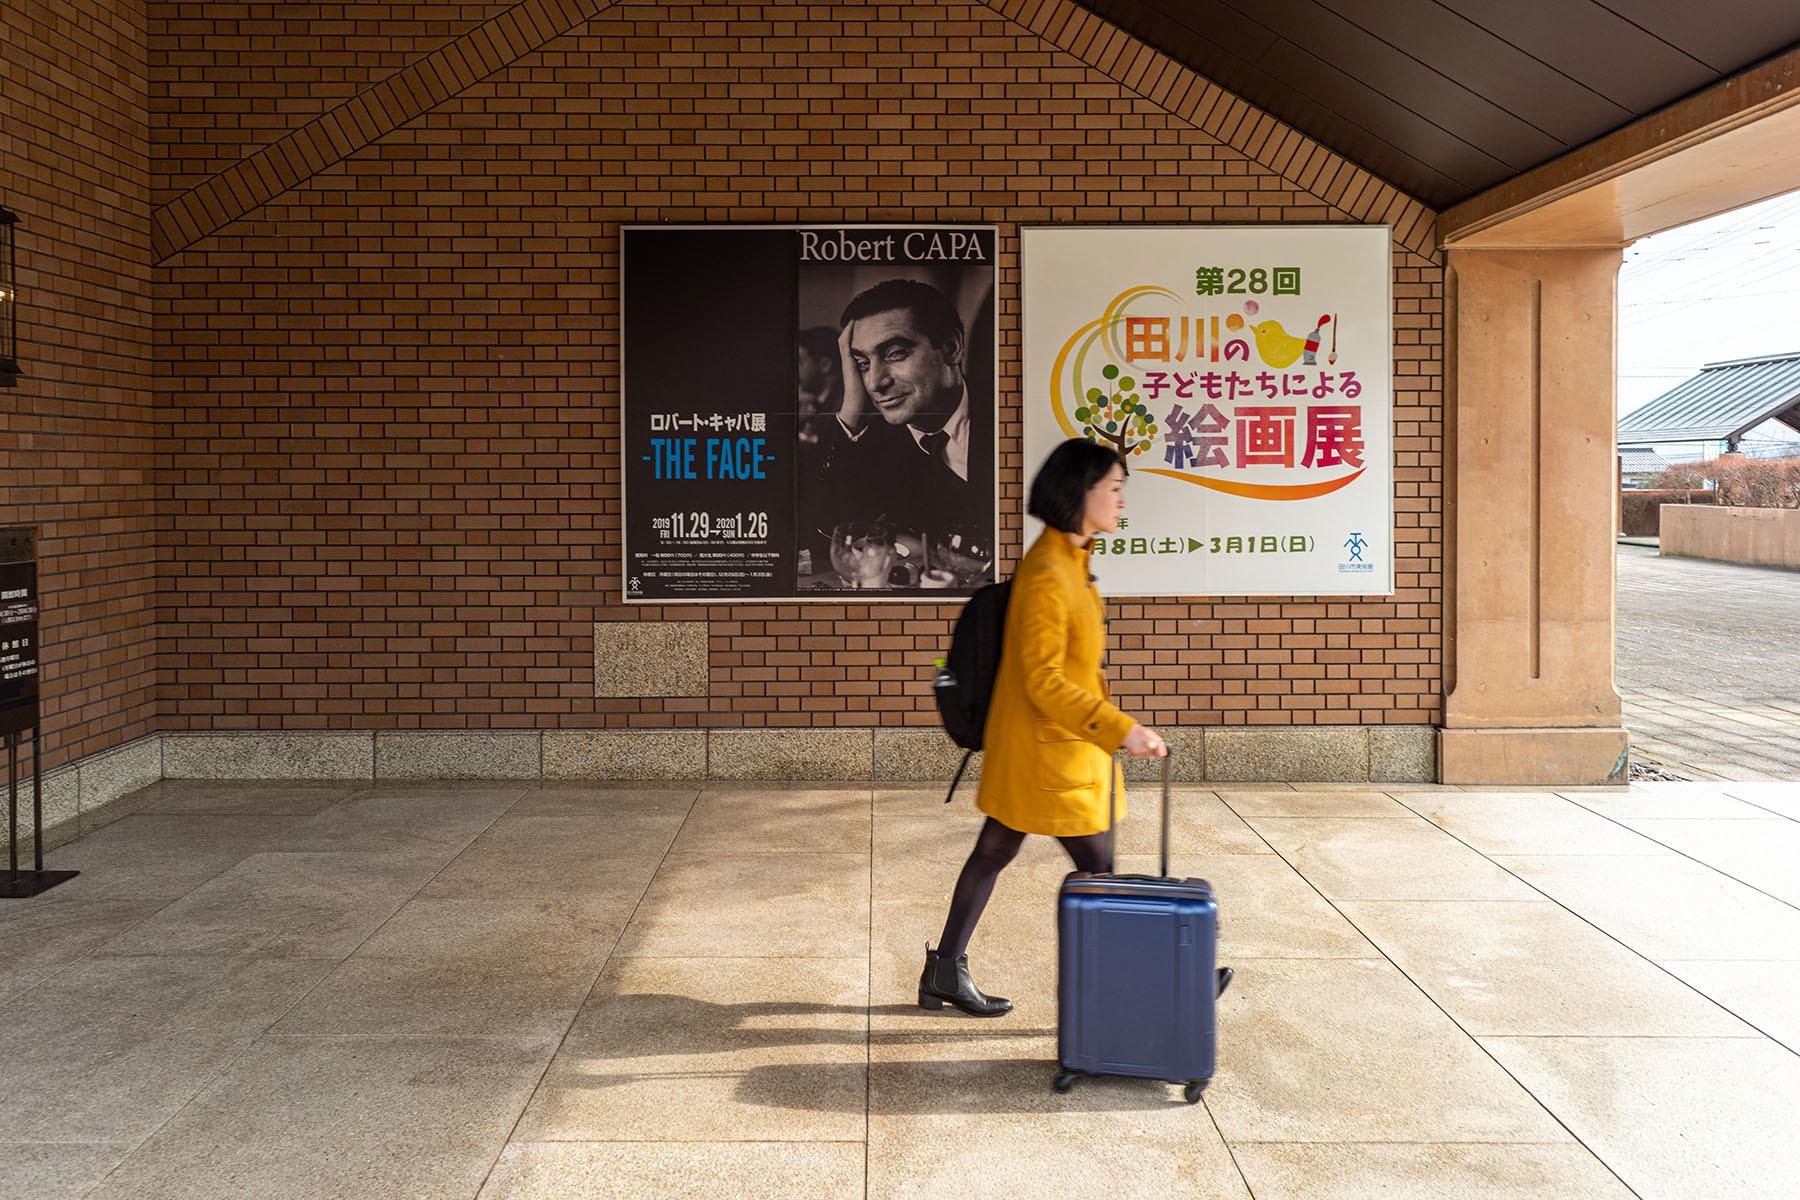 田川へ「ロバート・キャパ展」を見に行きました_c0028861_15585242.jpg